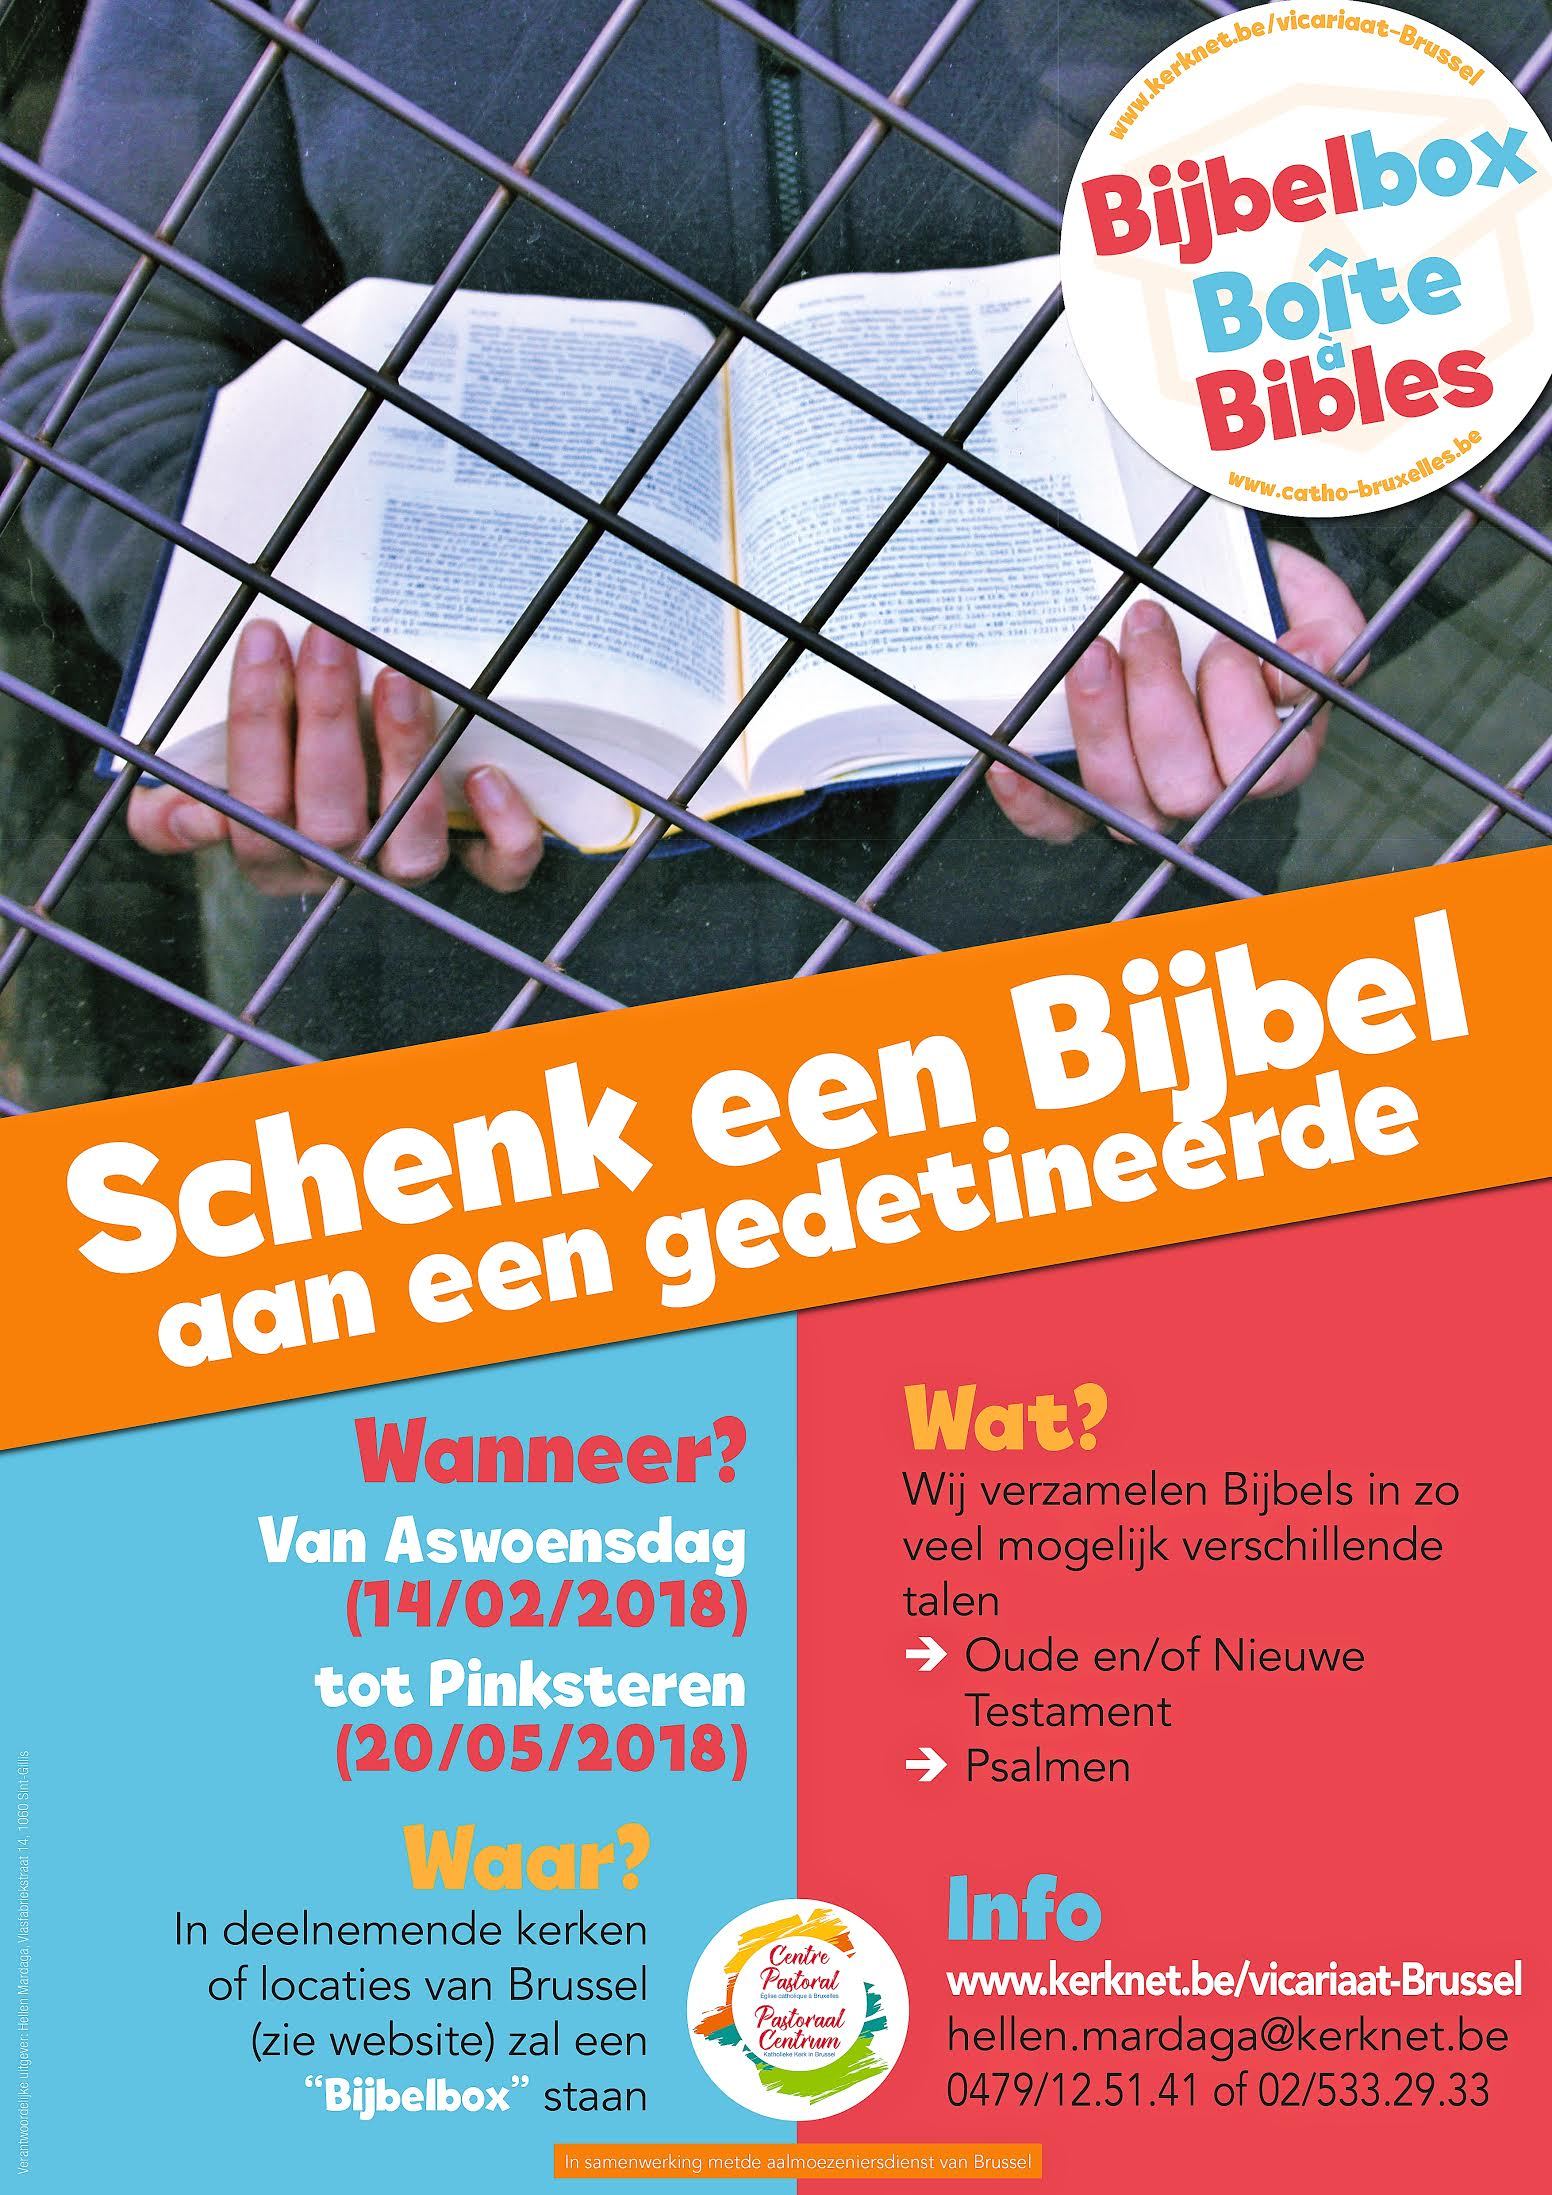 Doe mee! Schenk een bijbel